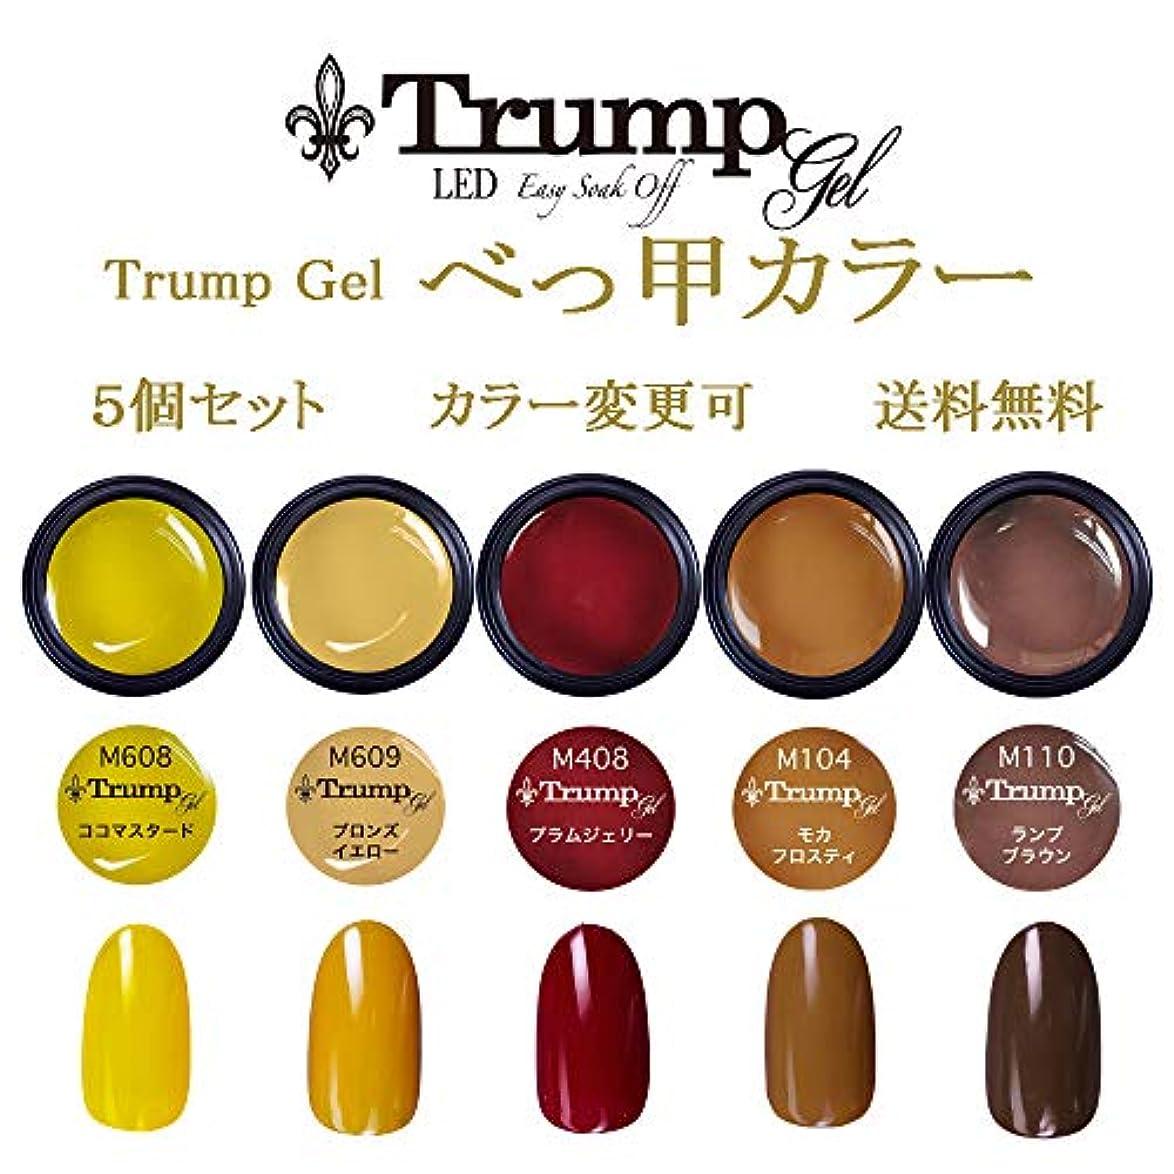 手伝うバンガロー自動的に日本製 Trump gel トランプジェル べっ甲 ネイルカラー 選べる カラージェル 5個セット イエロー ブラウン ワイン べっこう